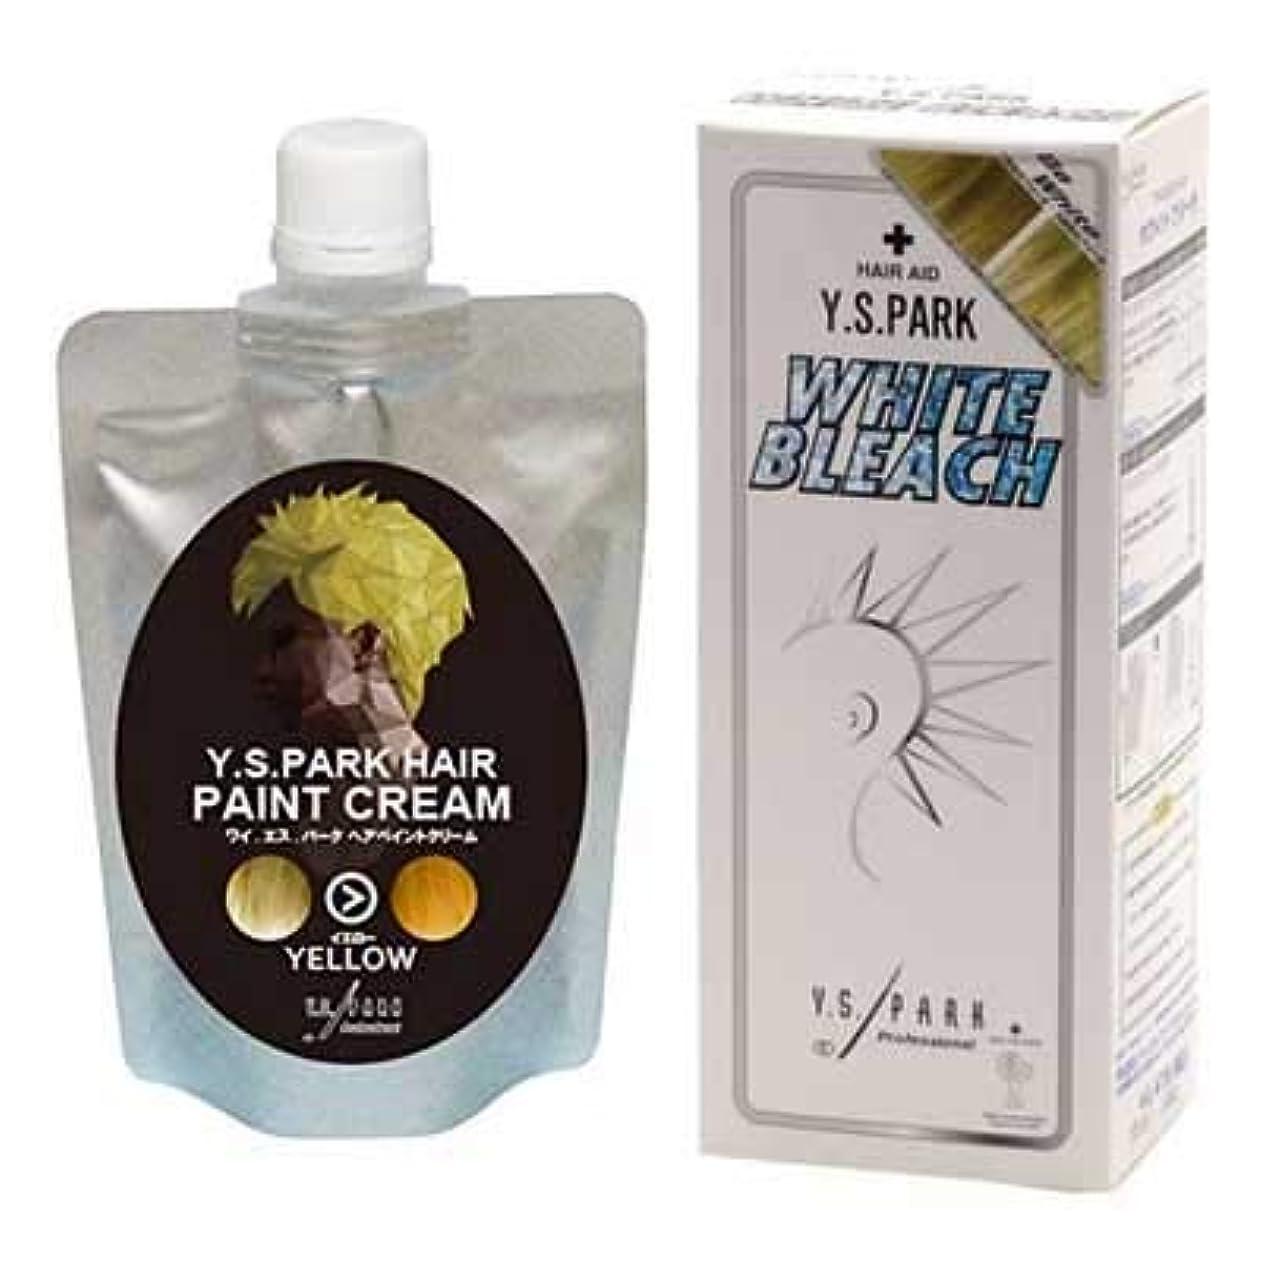 提案する免除どっちY.S.PARKヘアペイントクリーム イエロー 200g & Y.S.PARKホワイトブリーチセット